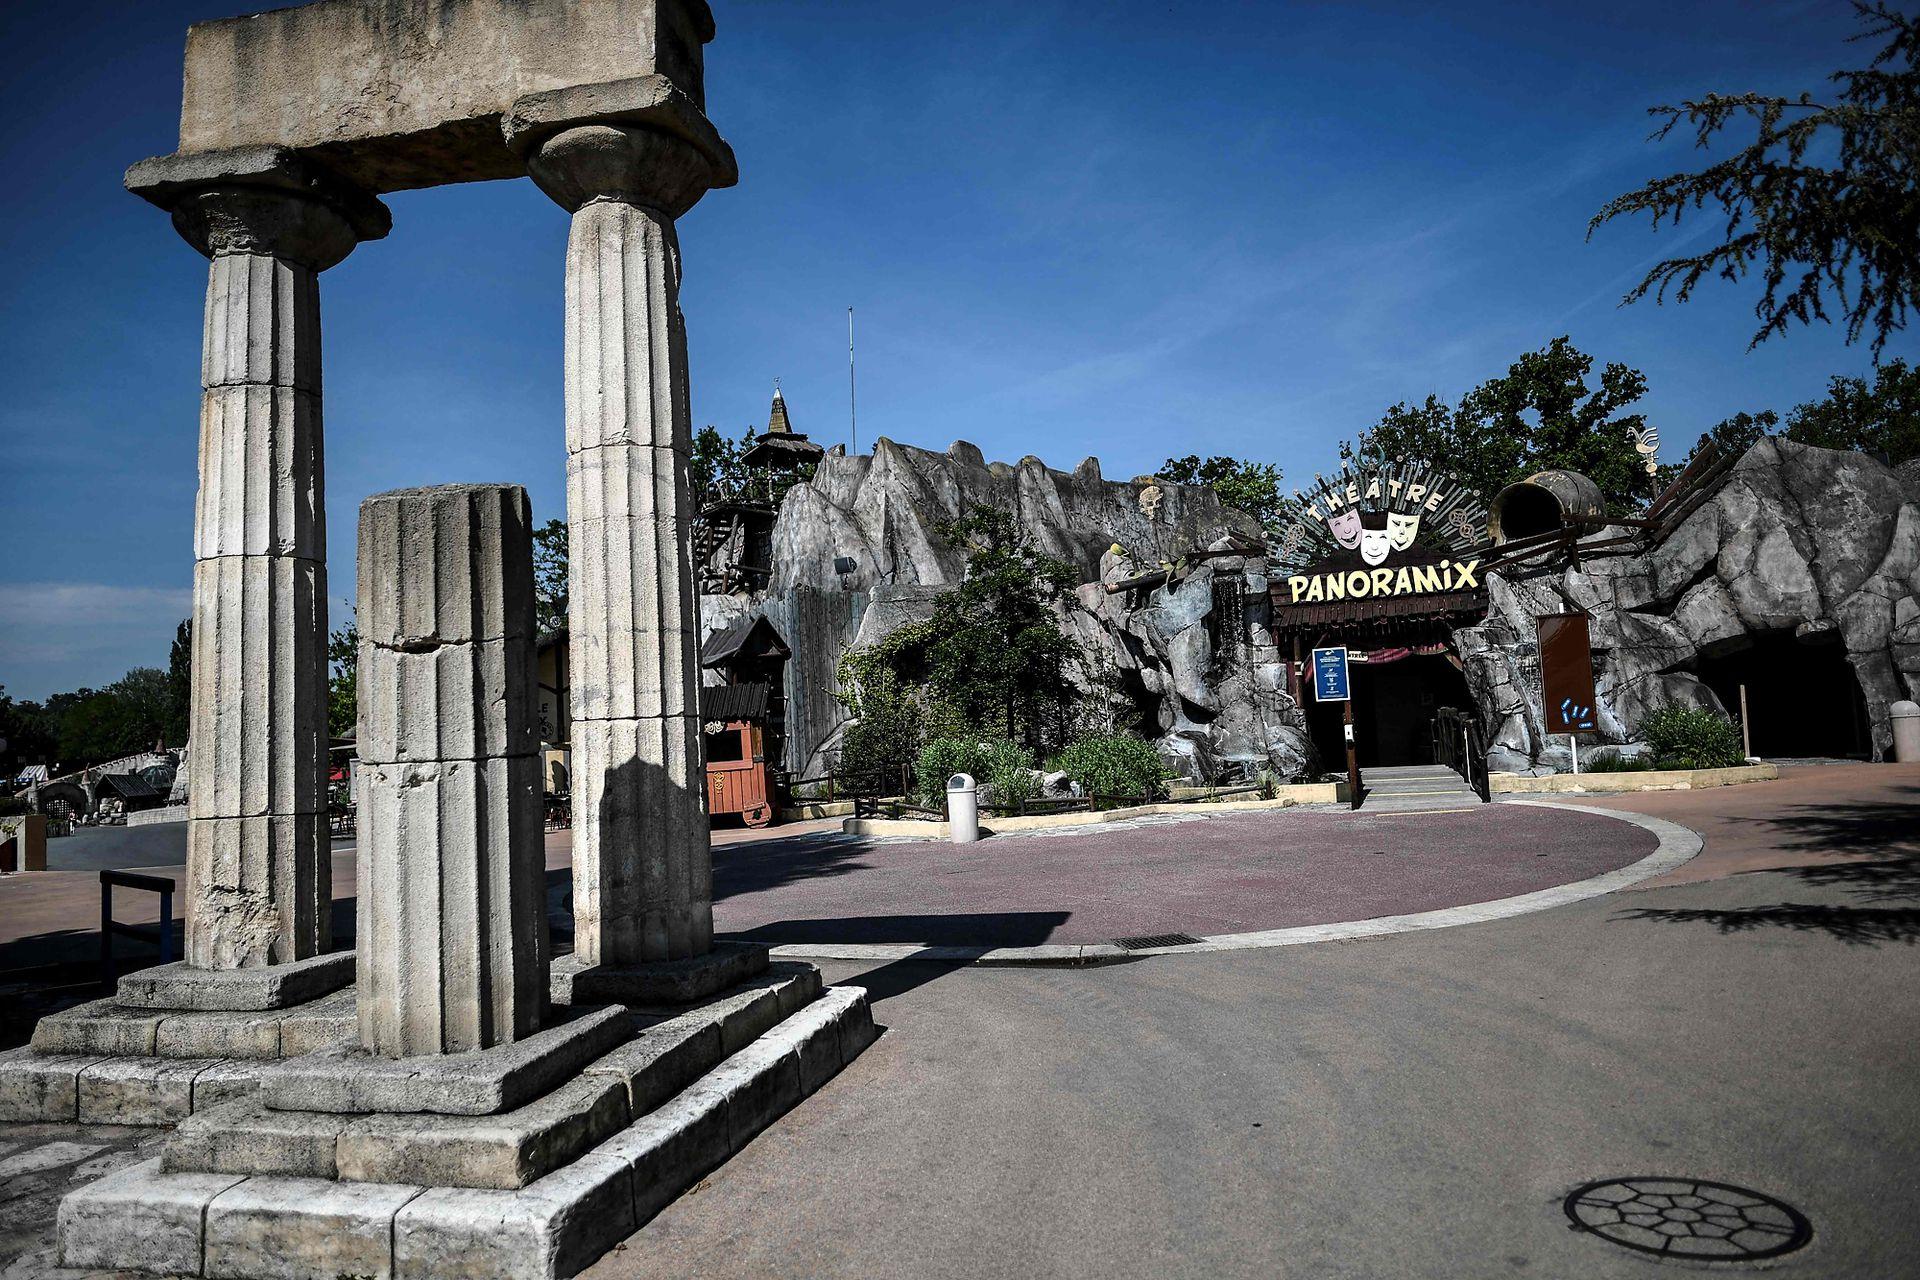 El parque debe cumplir con todos los protocolos necesarios para abrir sus puertas y es necesario hacer reserva anticipada para visitarlo